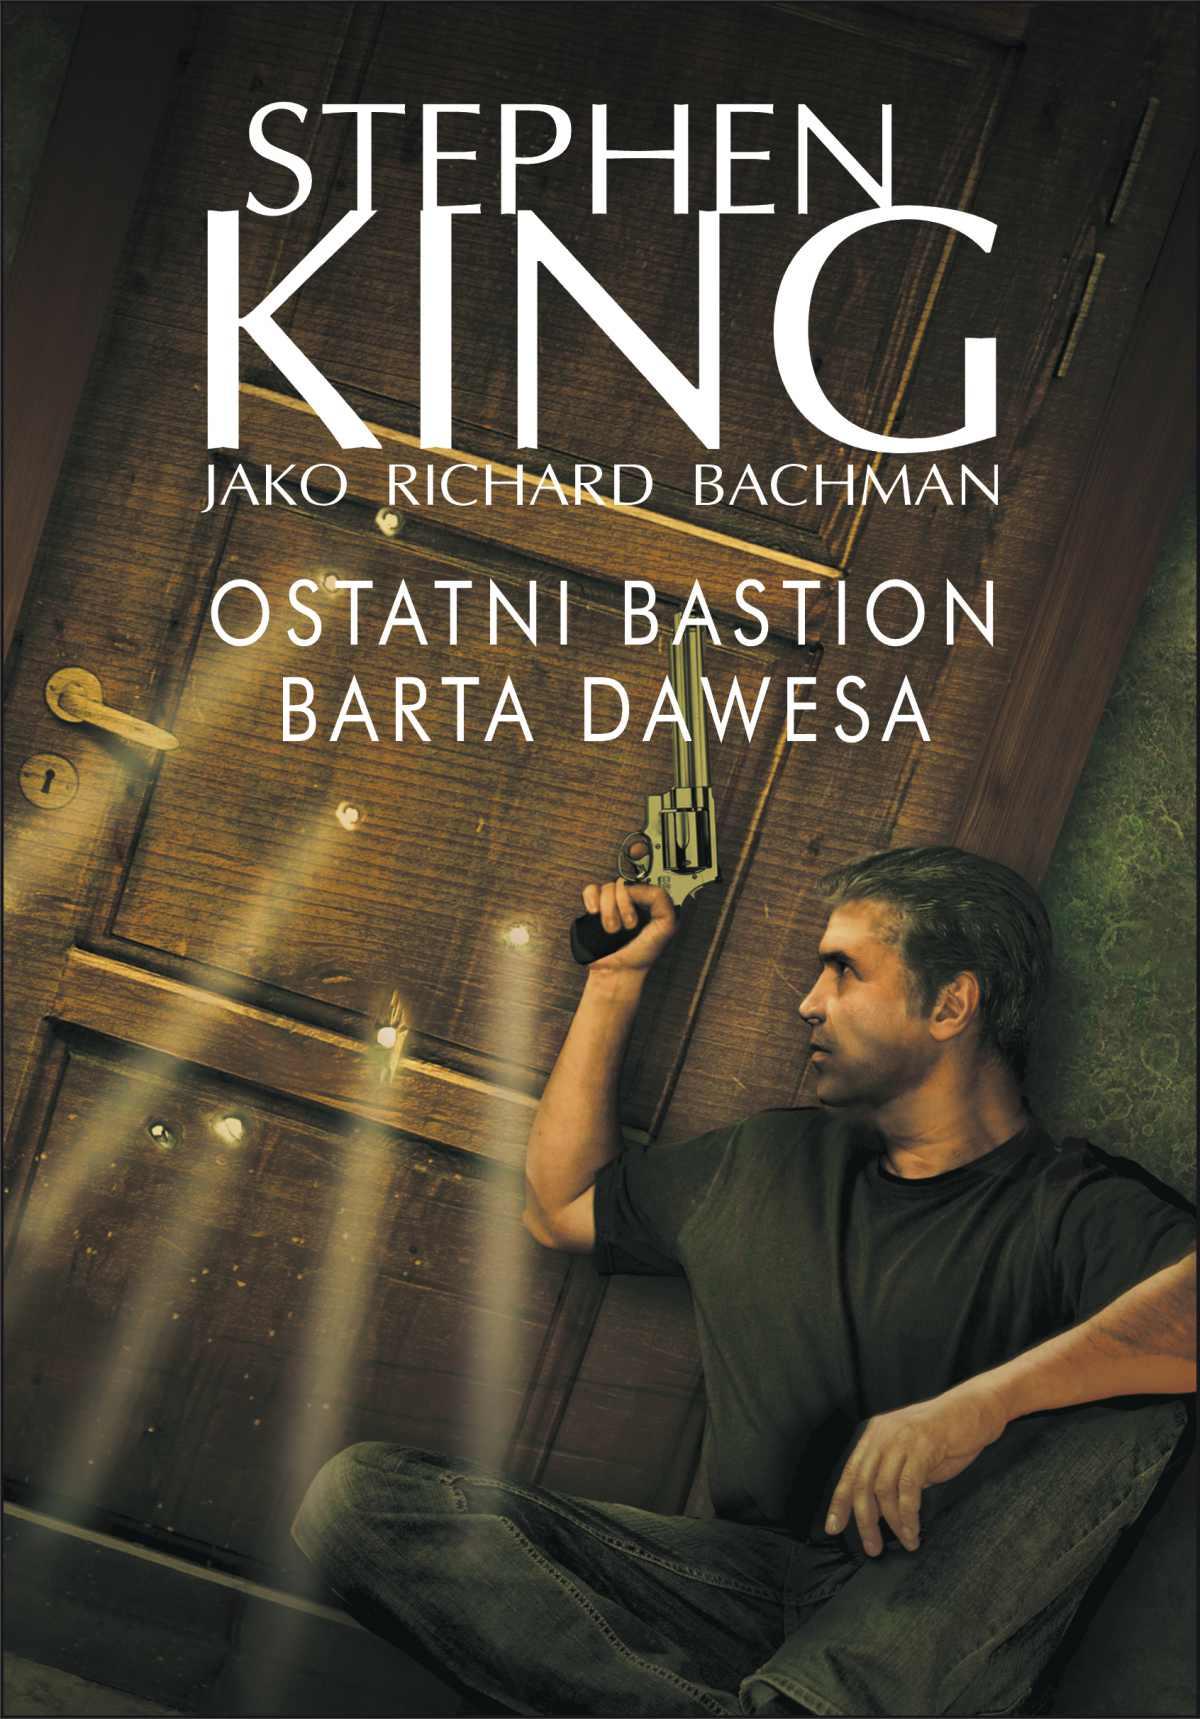 Ostatni bastion Barta Dawesa - Ebook (Książka EPUB) do pobrania w formacie EPUB